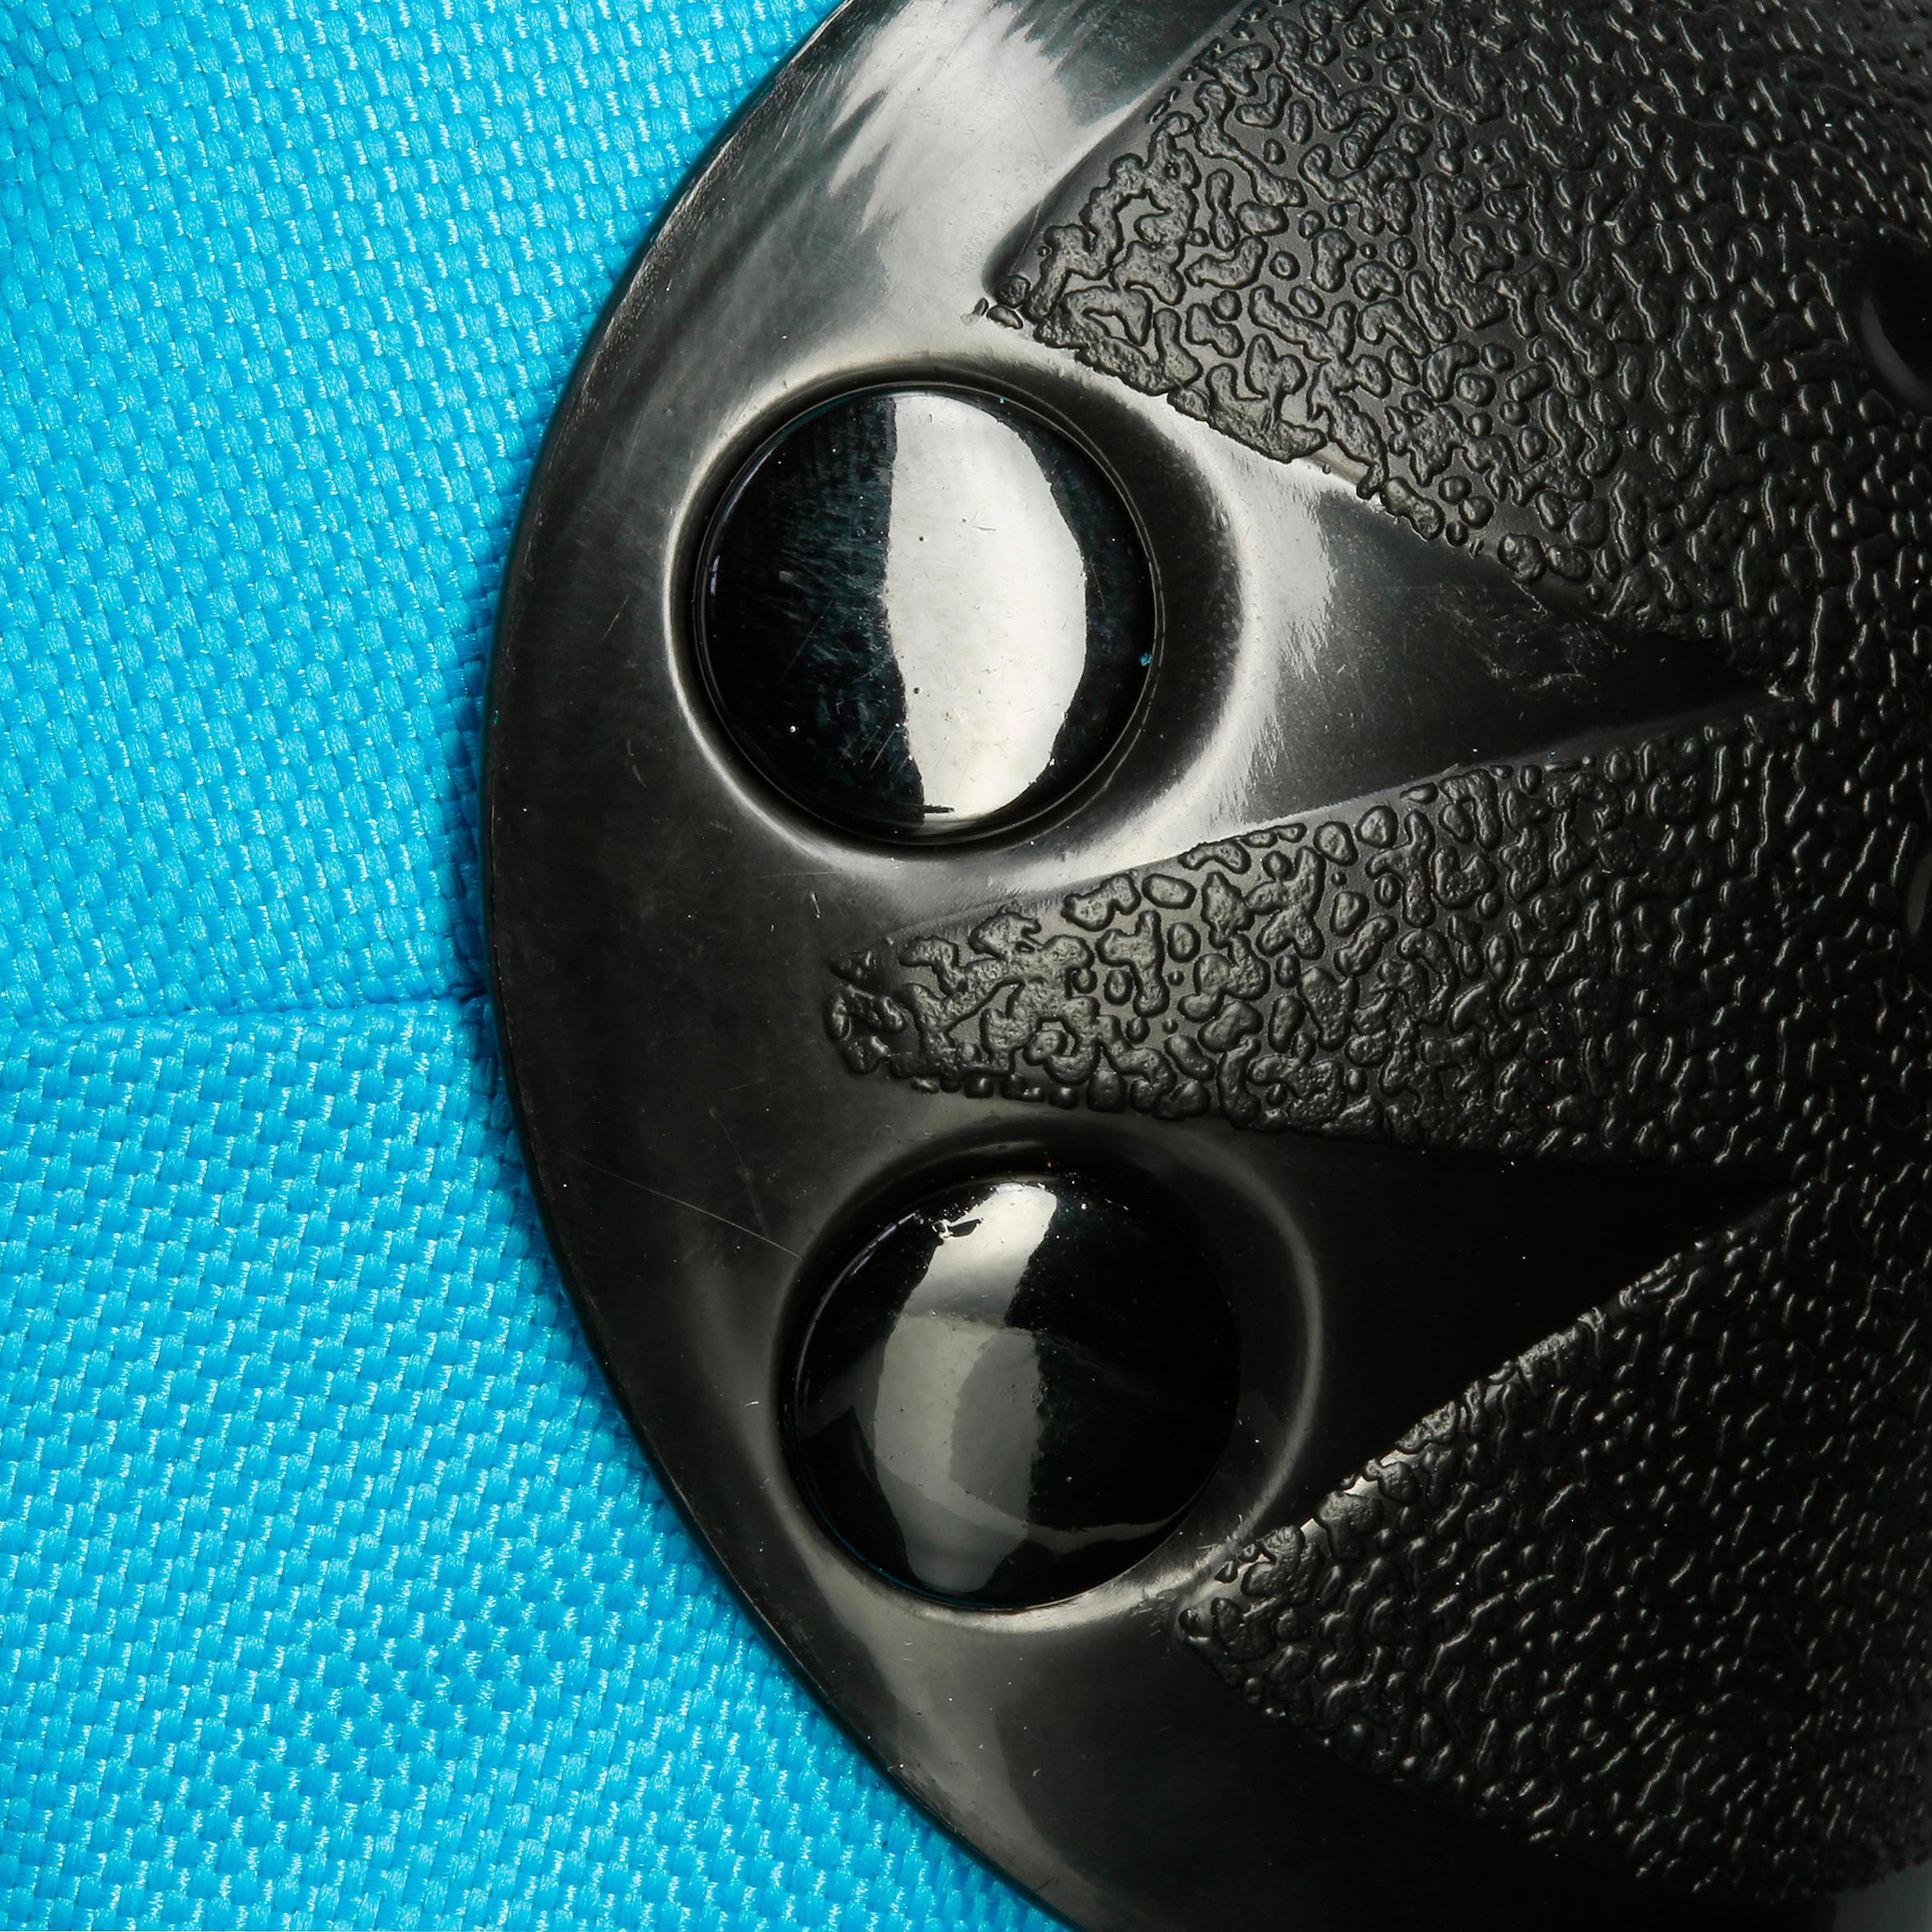 Ens. de 3 protections pour patin, skateboard trottinette pour enfant BASIC bleu